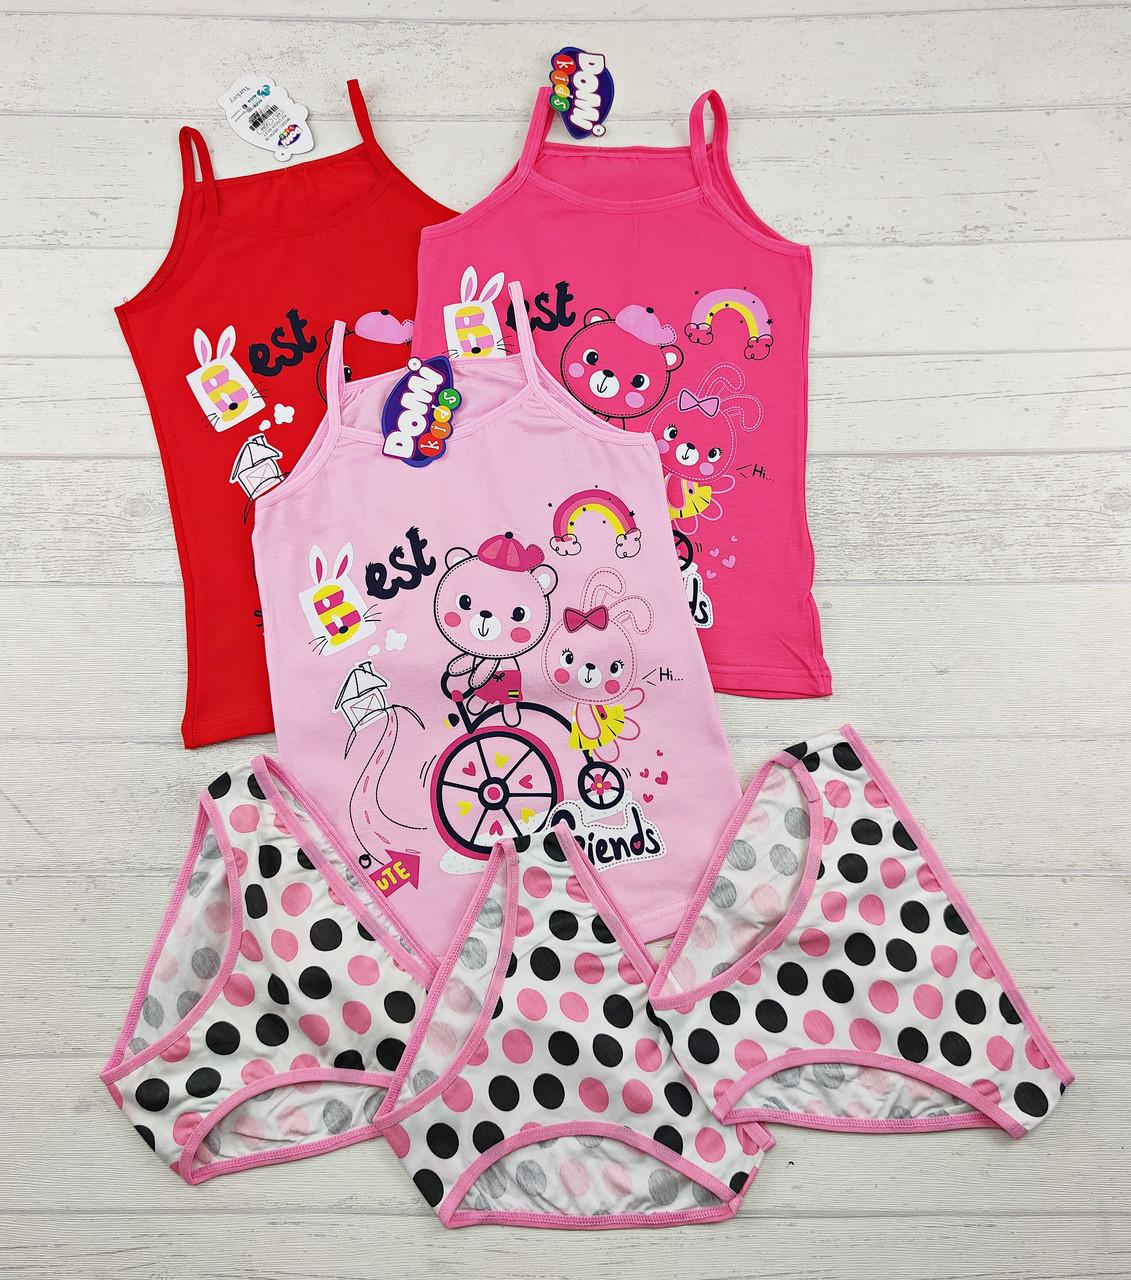 Комплект детского нижнего белья майка и трусики для девочек 6-7 лет